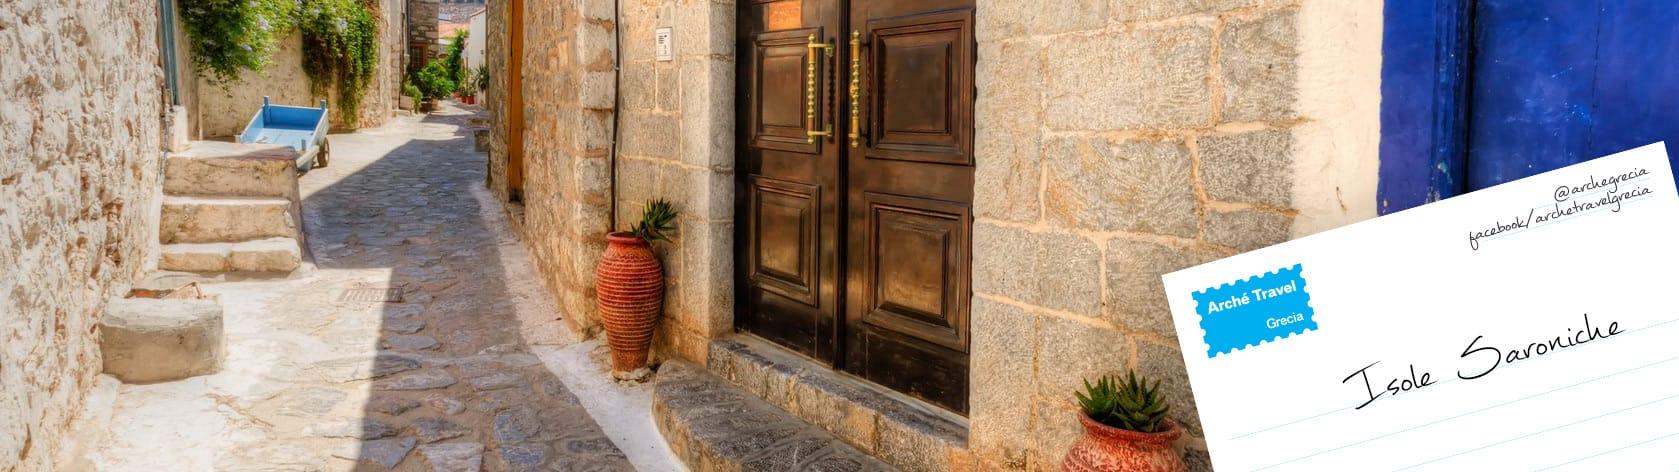 CATALOGHI Viaggi Isole Saroniche Tour Isole Saroniche - Arché Travel - Tour Operator Isole Saroniche Grecia